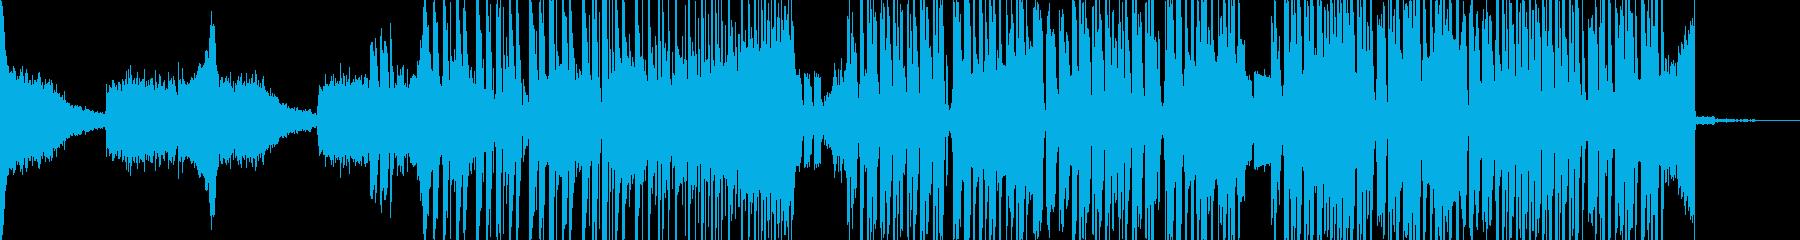 【アブストラクト】近未来で、おしゃれな曲の再生済みの波形